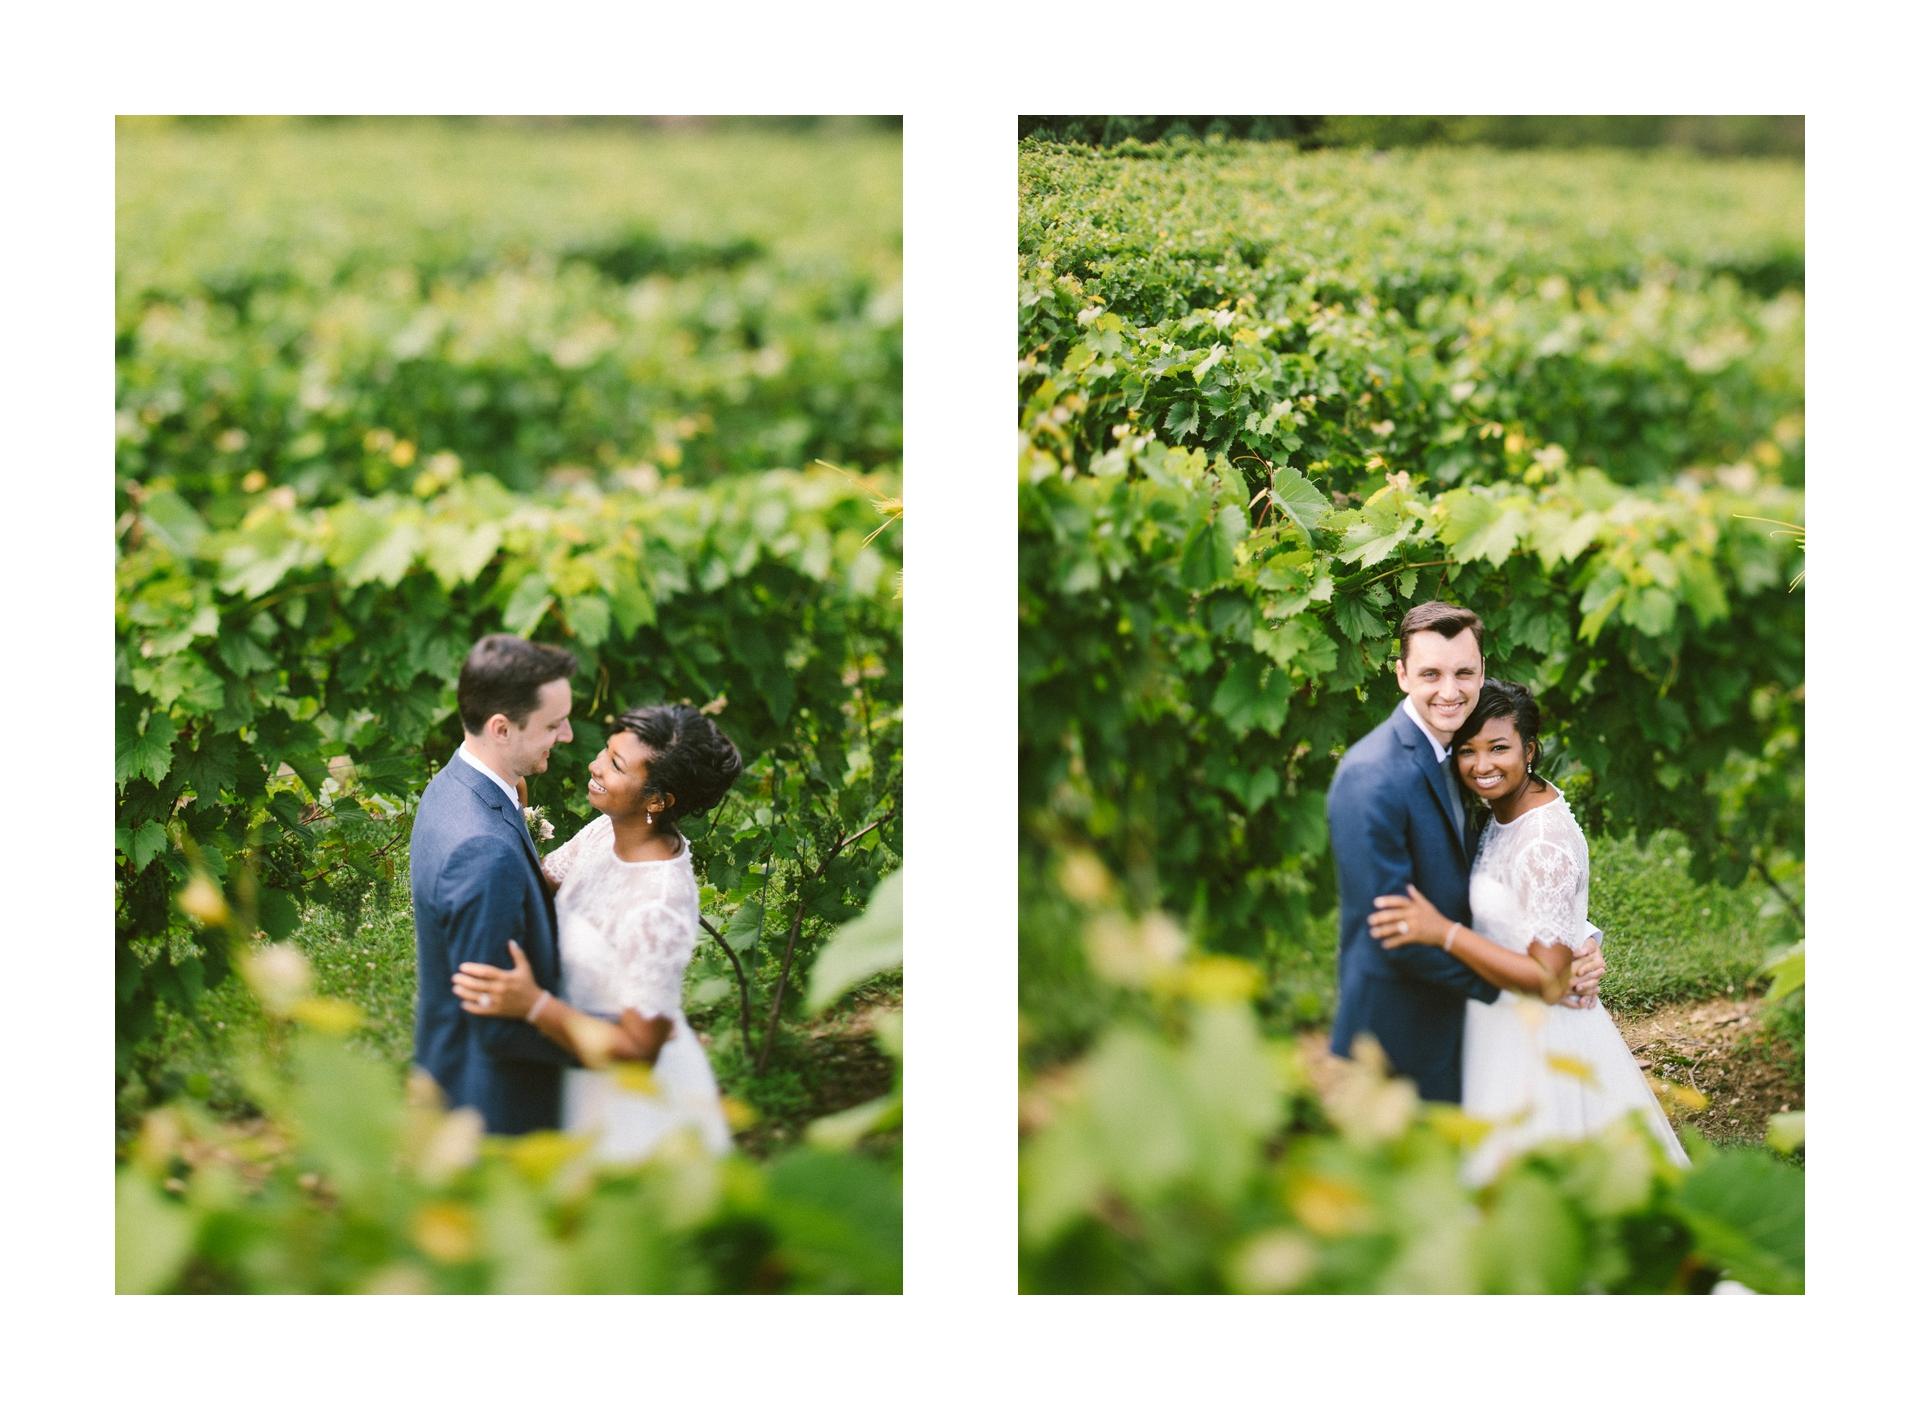 Gervasi Wedding Photographer in Canton Ohio 35.jpg